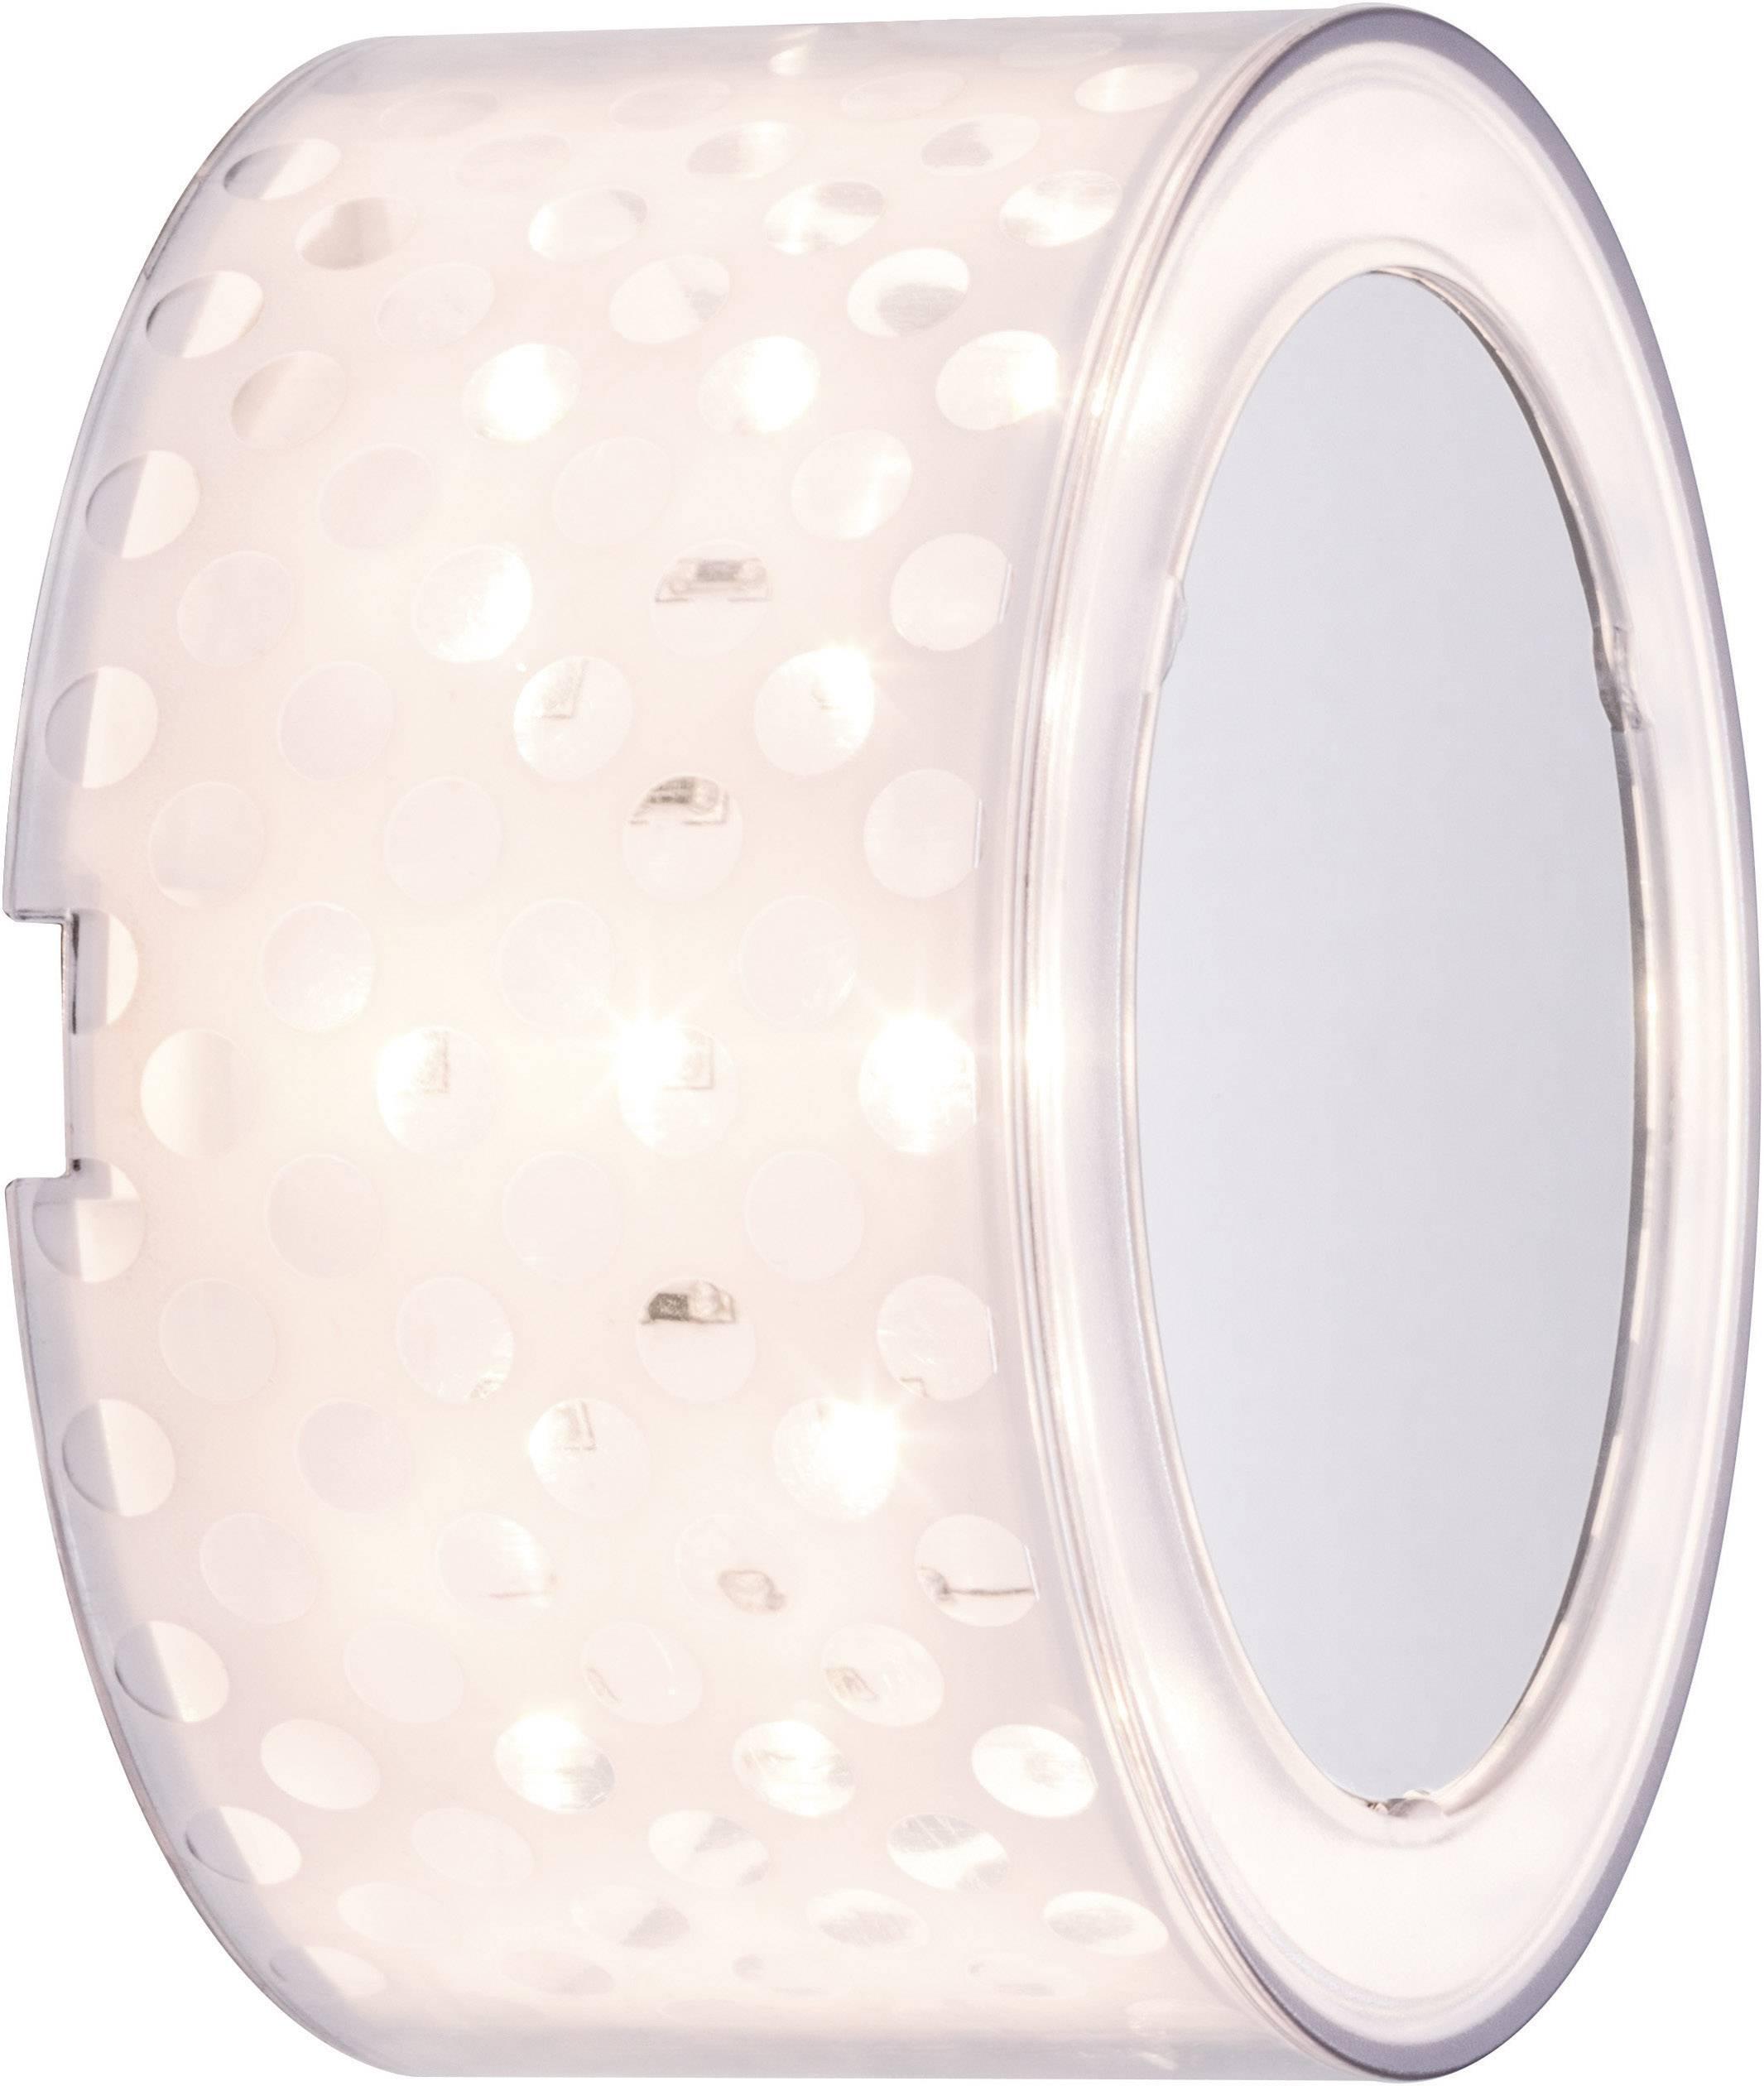 LED nástenné svetlo Paulmann DecoBeam 70291, 2.5 W, teplá biela, chróm (matný), priehľadná, biela (matná)